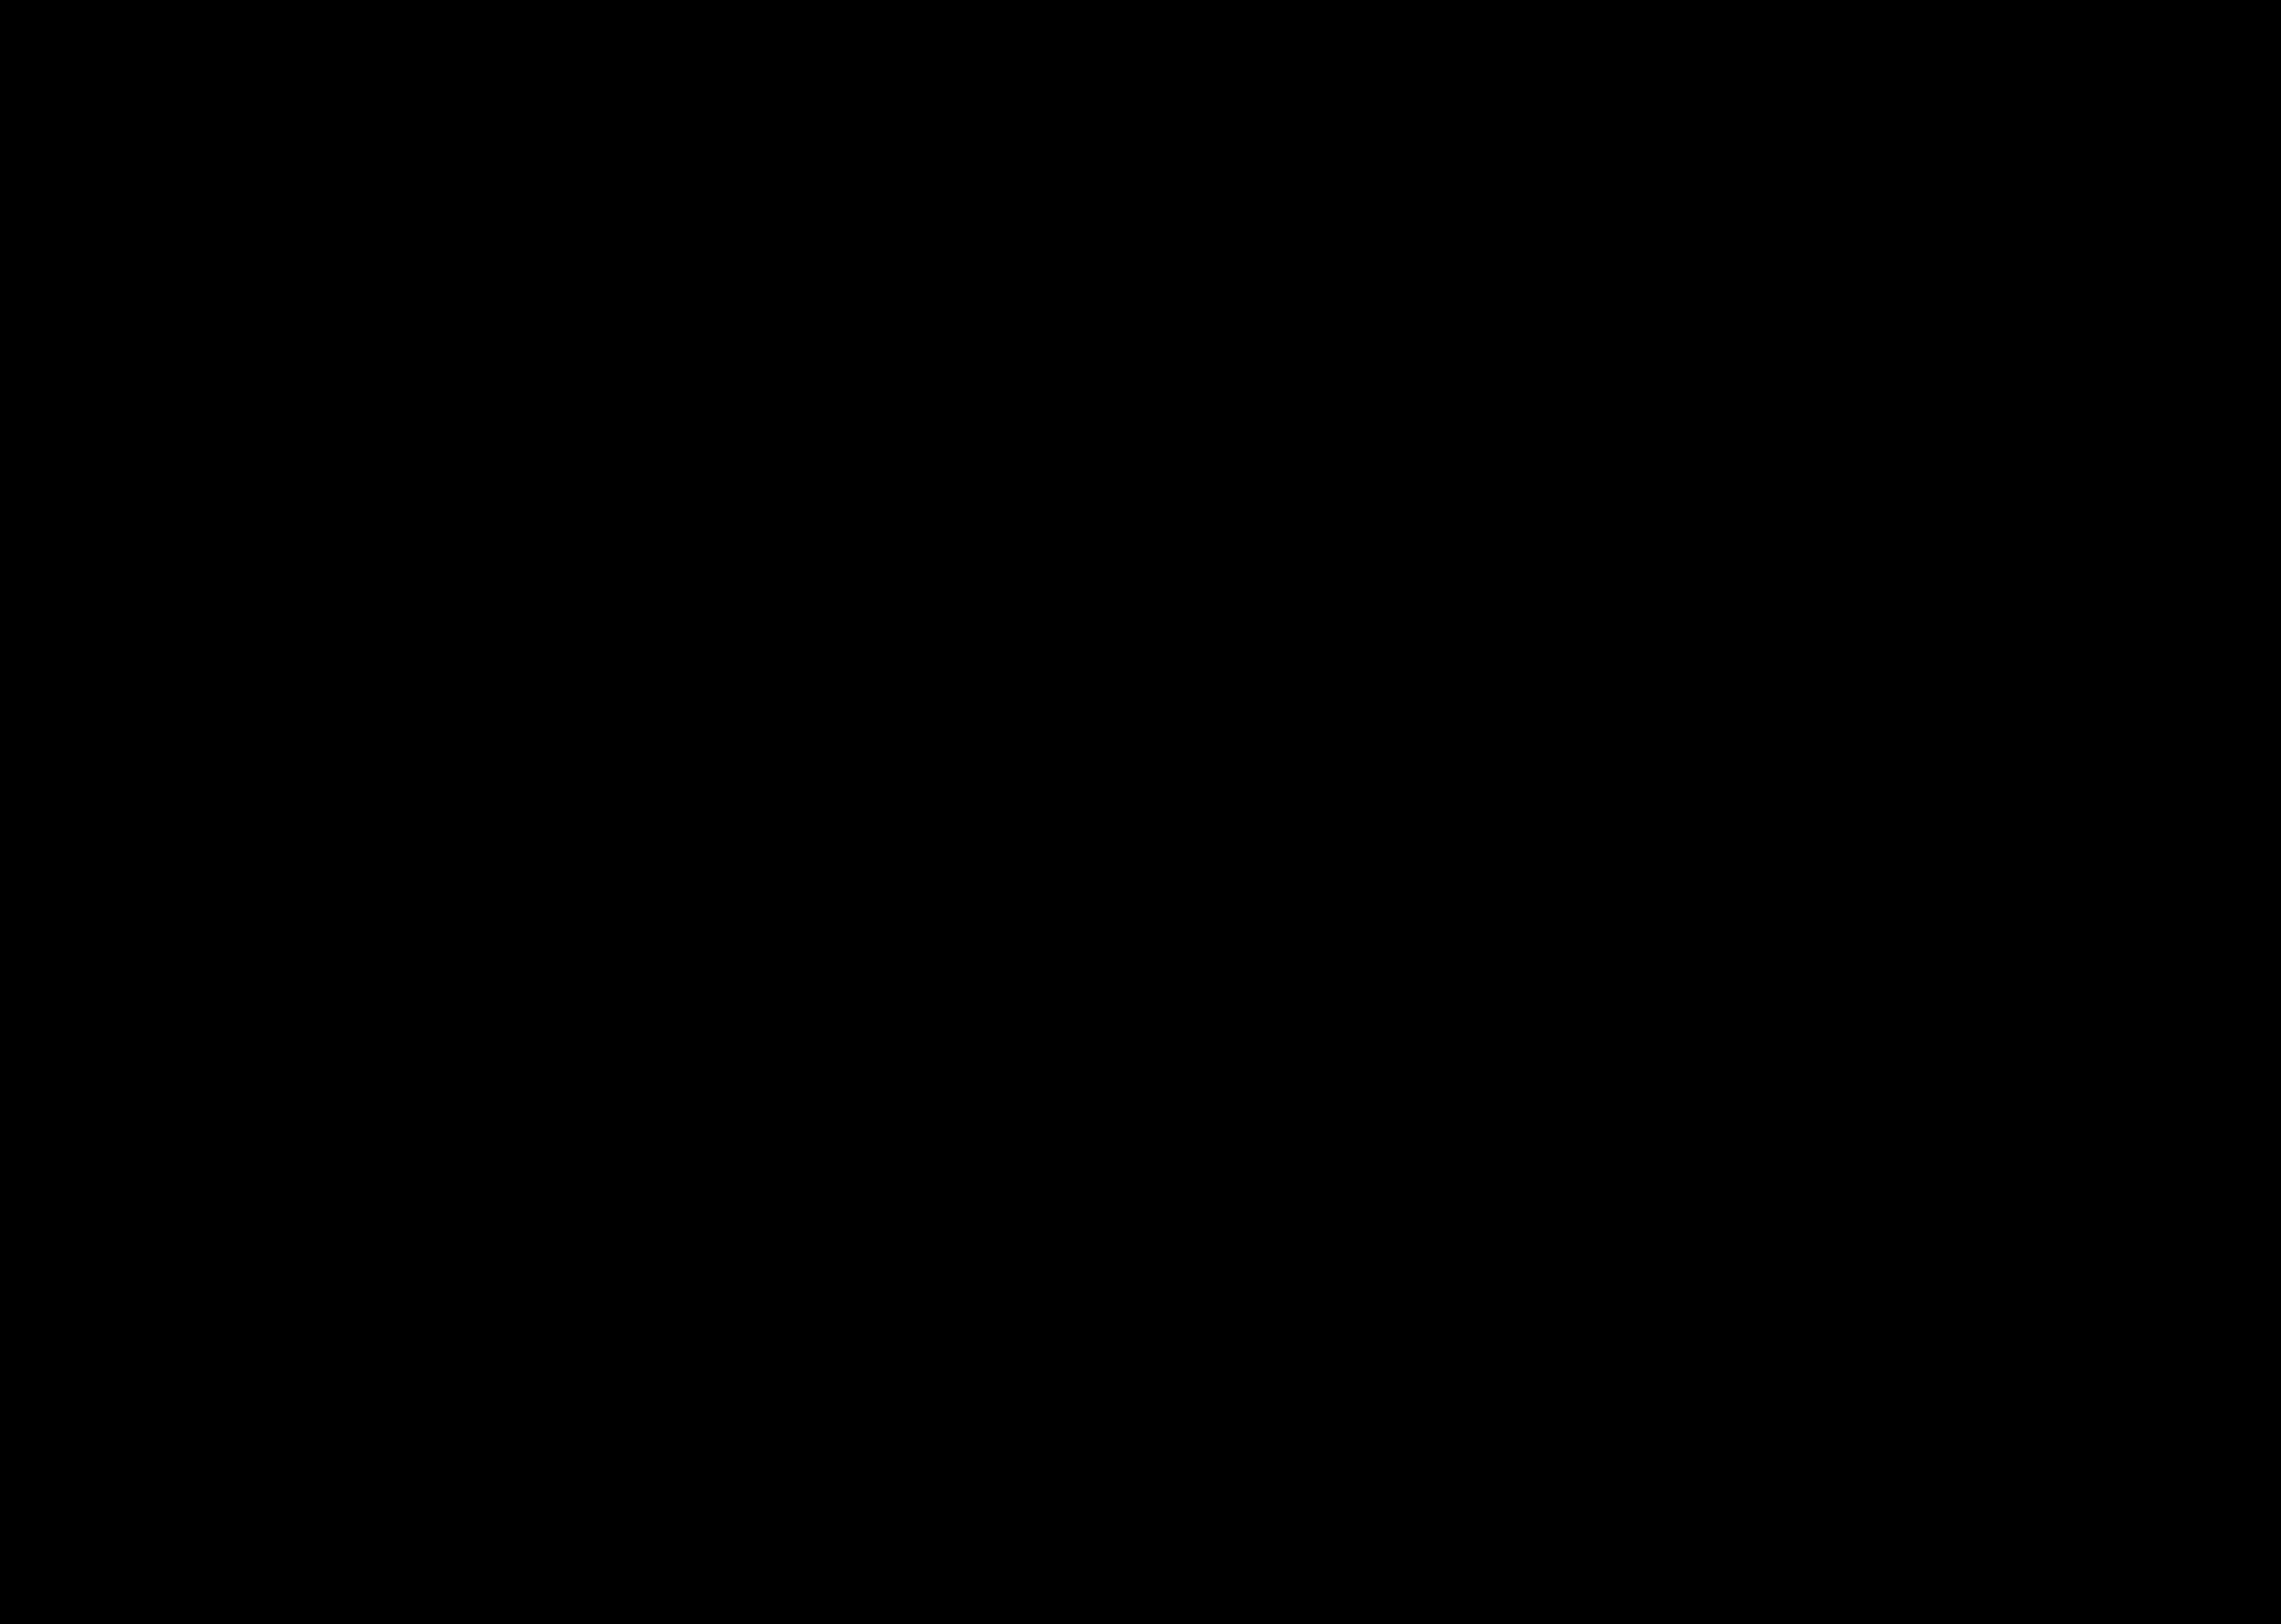 Long naked nipples